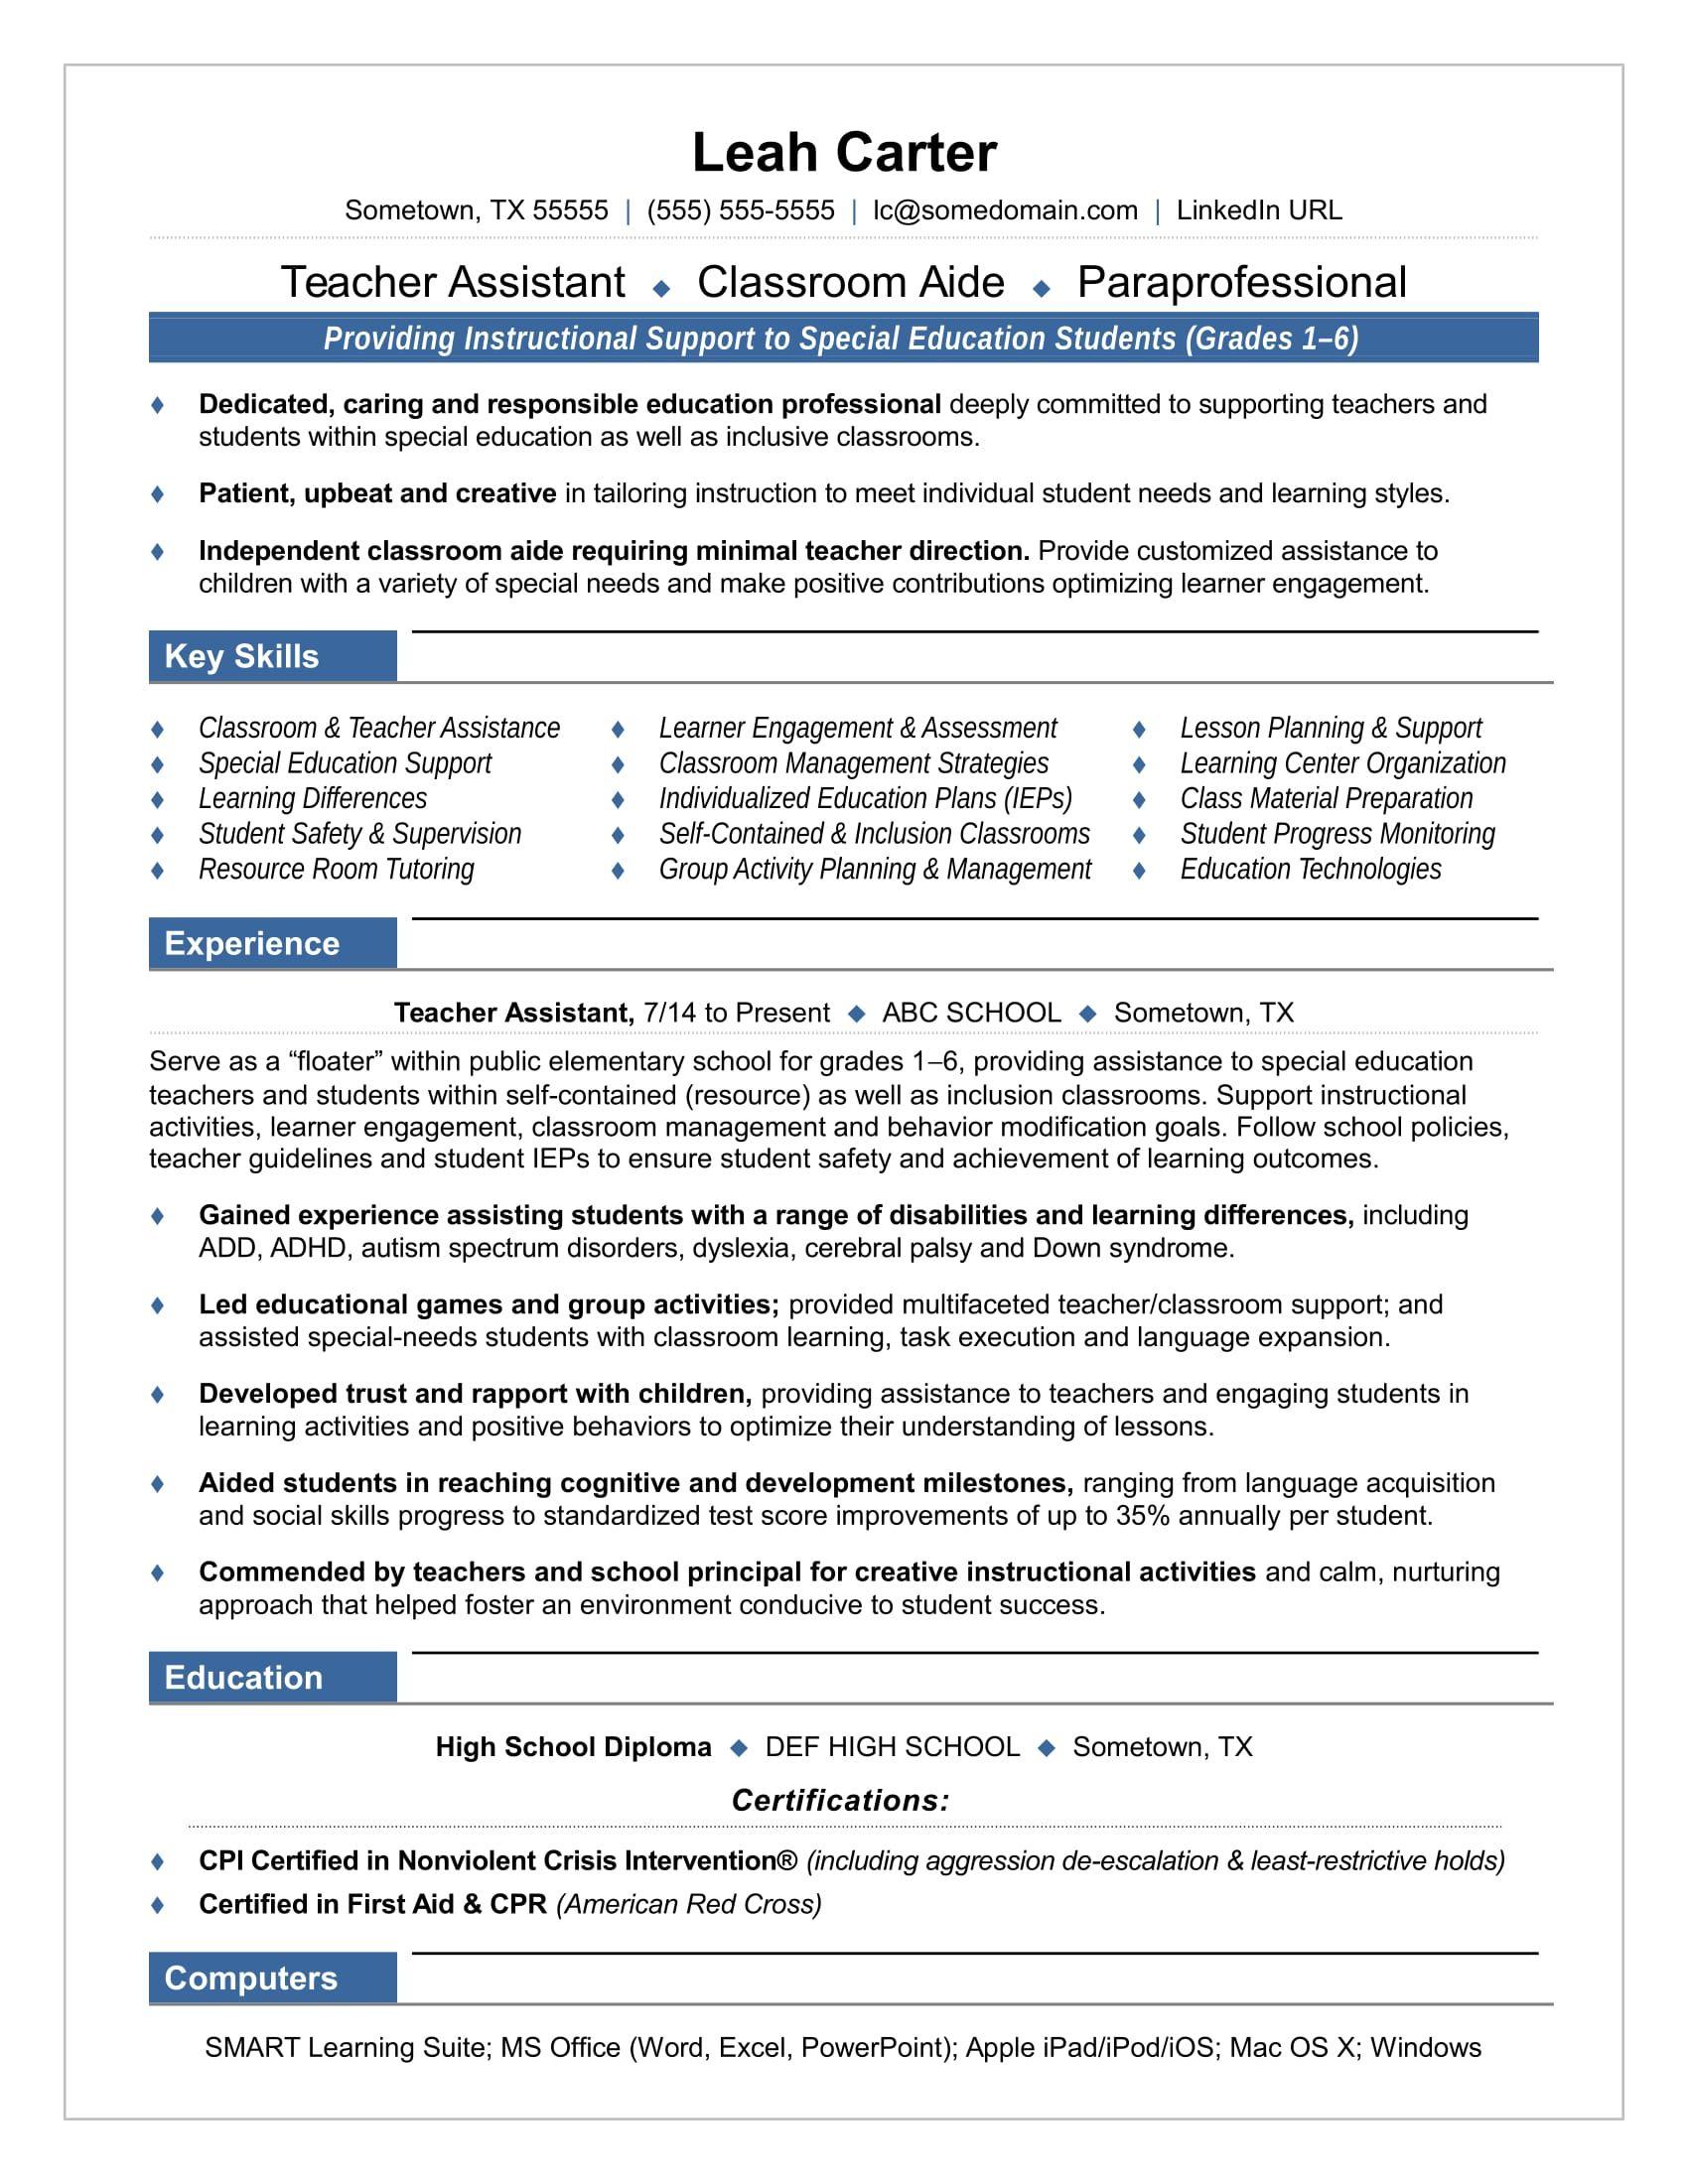 Teacher Assistant Resume Sample Teaching Resume Teacher